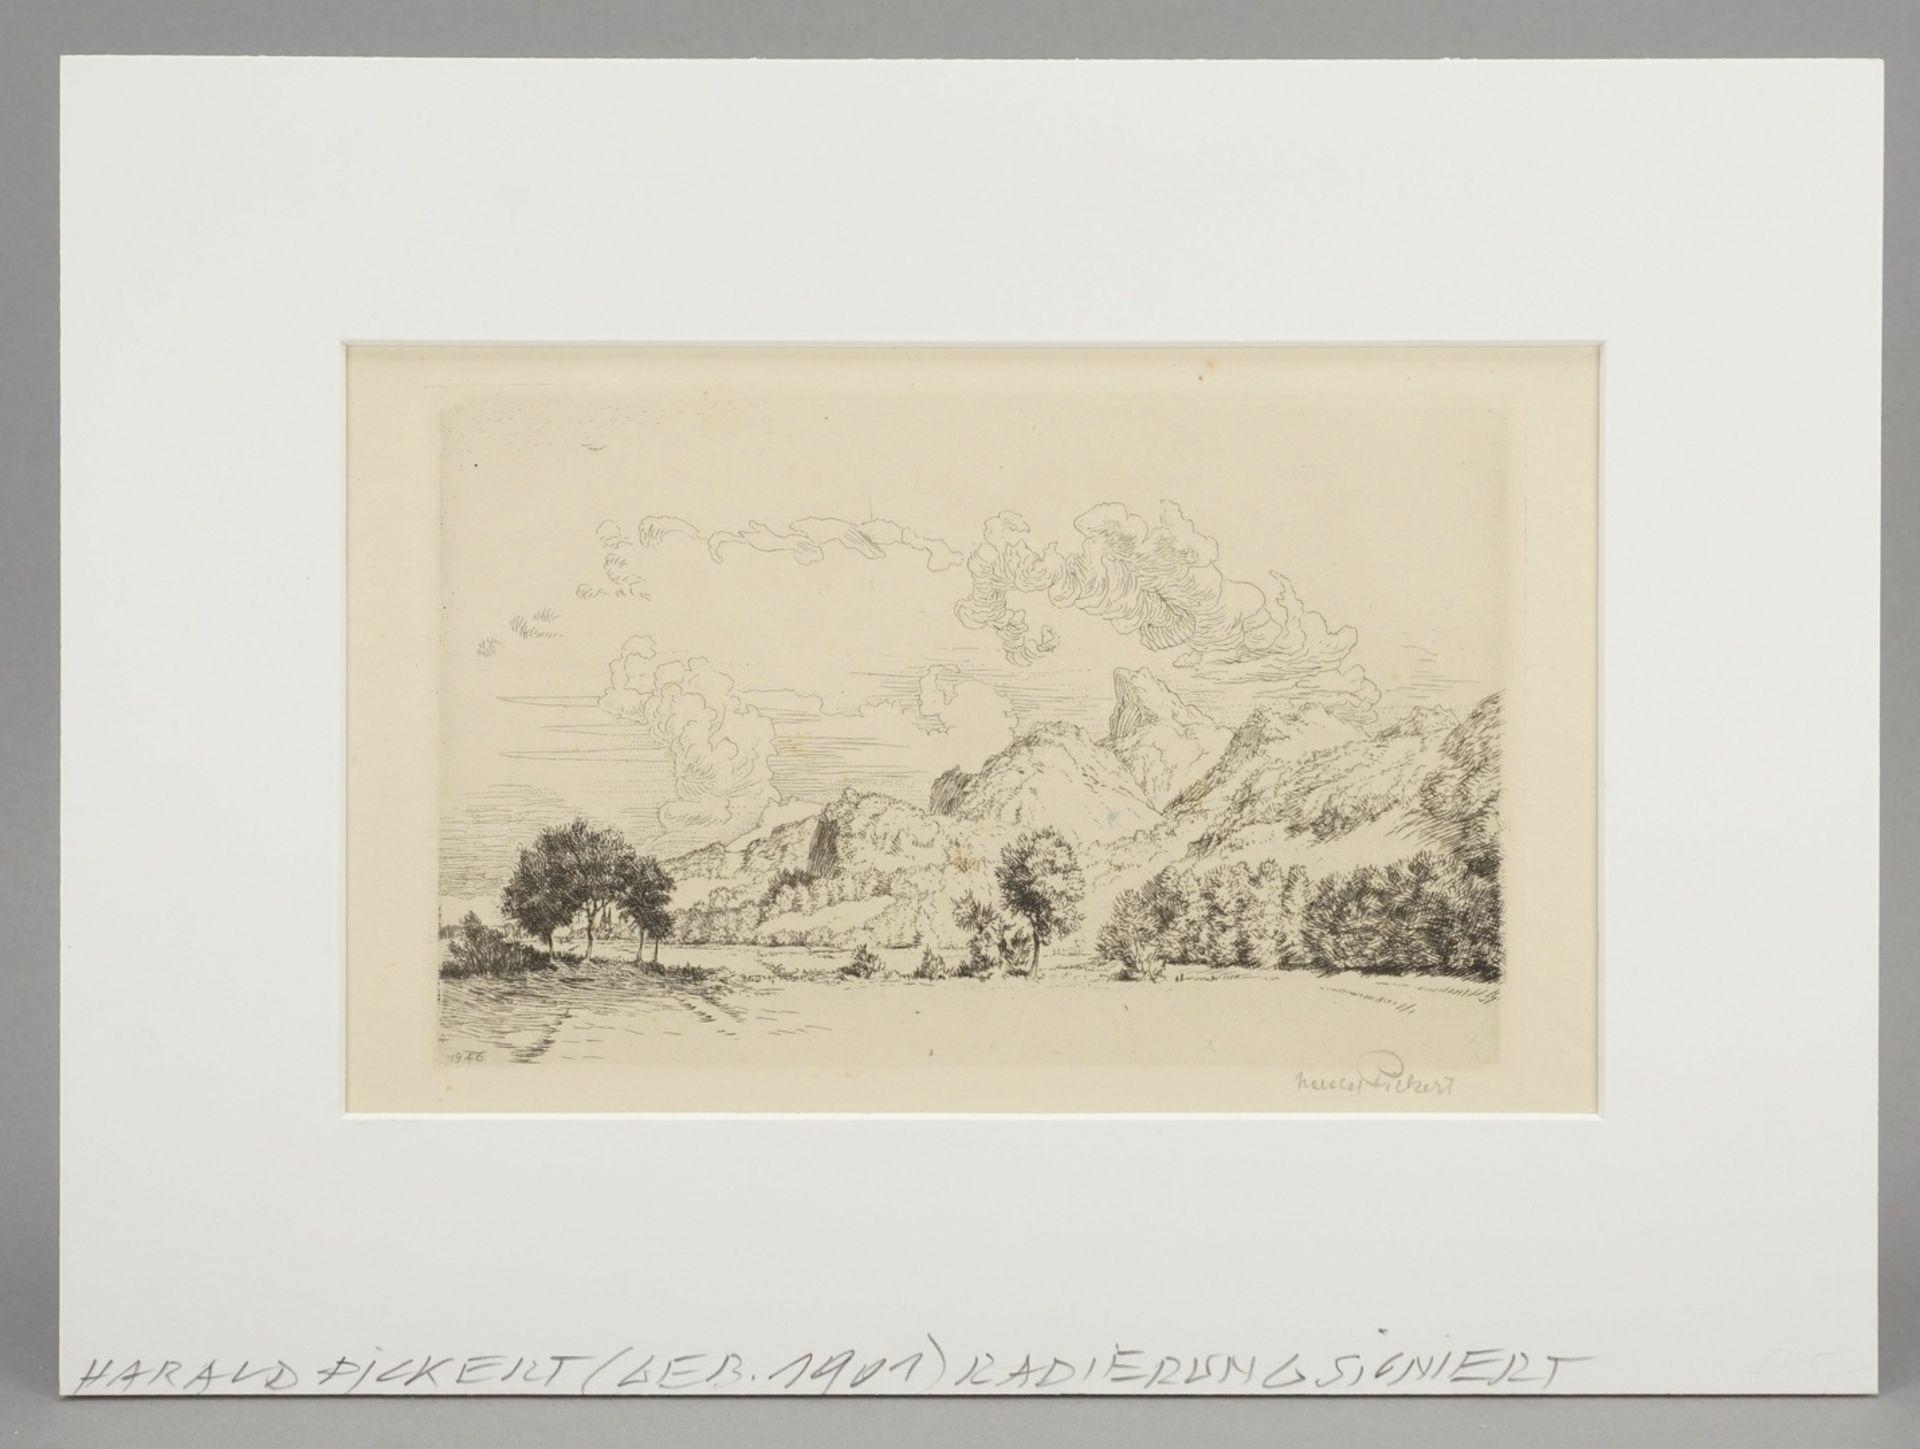 Harald Pickert, Gebirgige Landschaft mit Kirche - Bild 2 aus 4